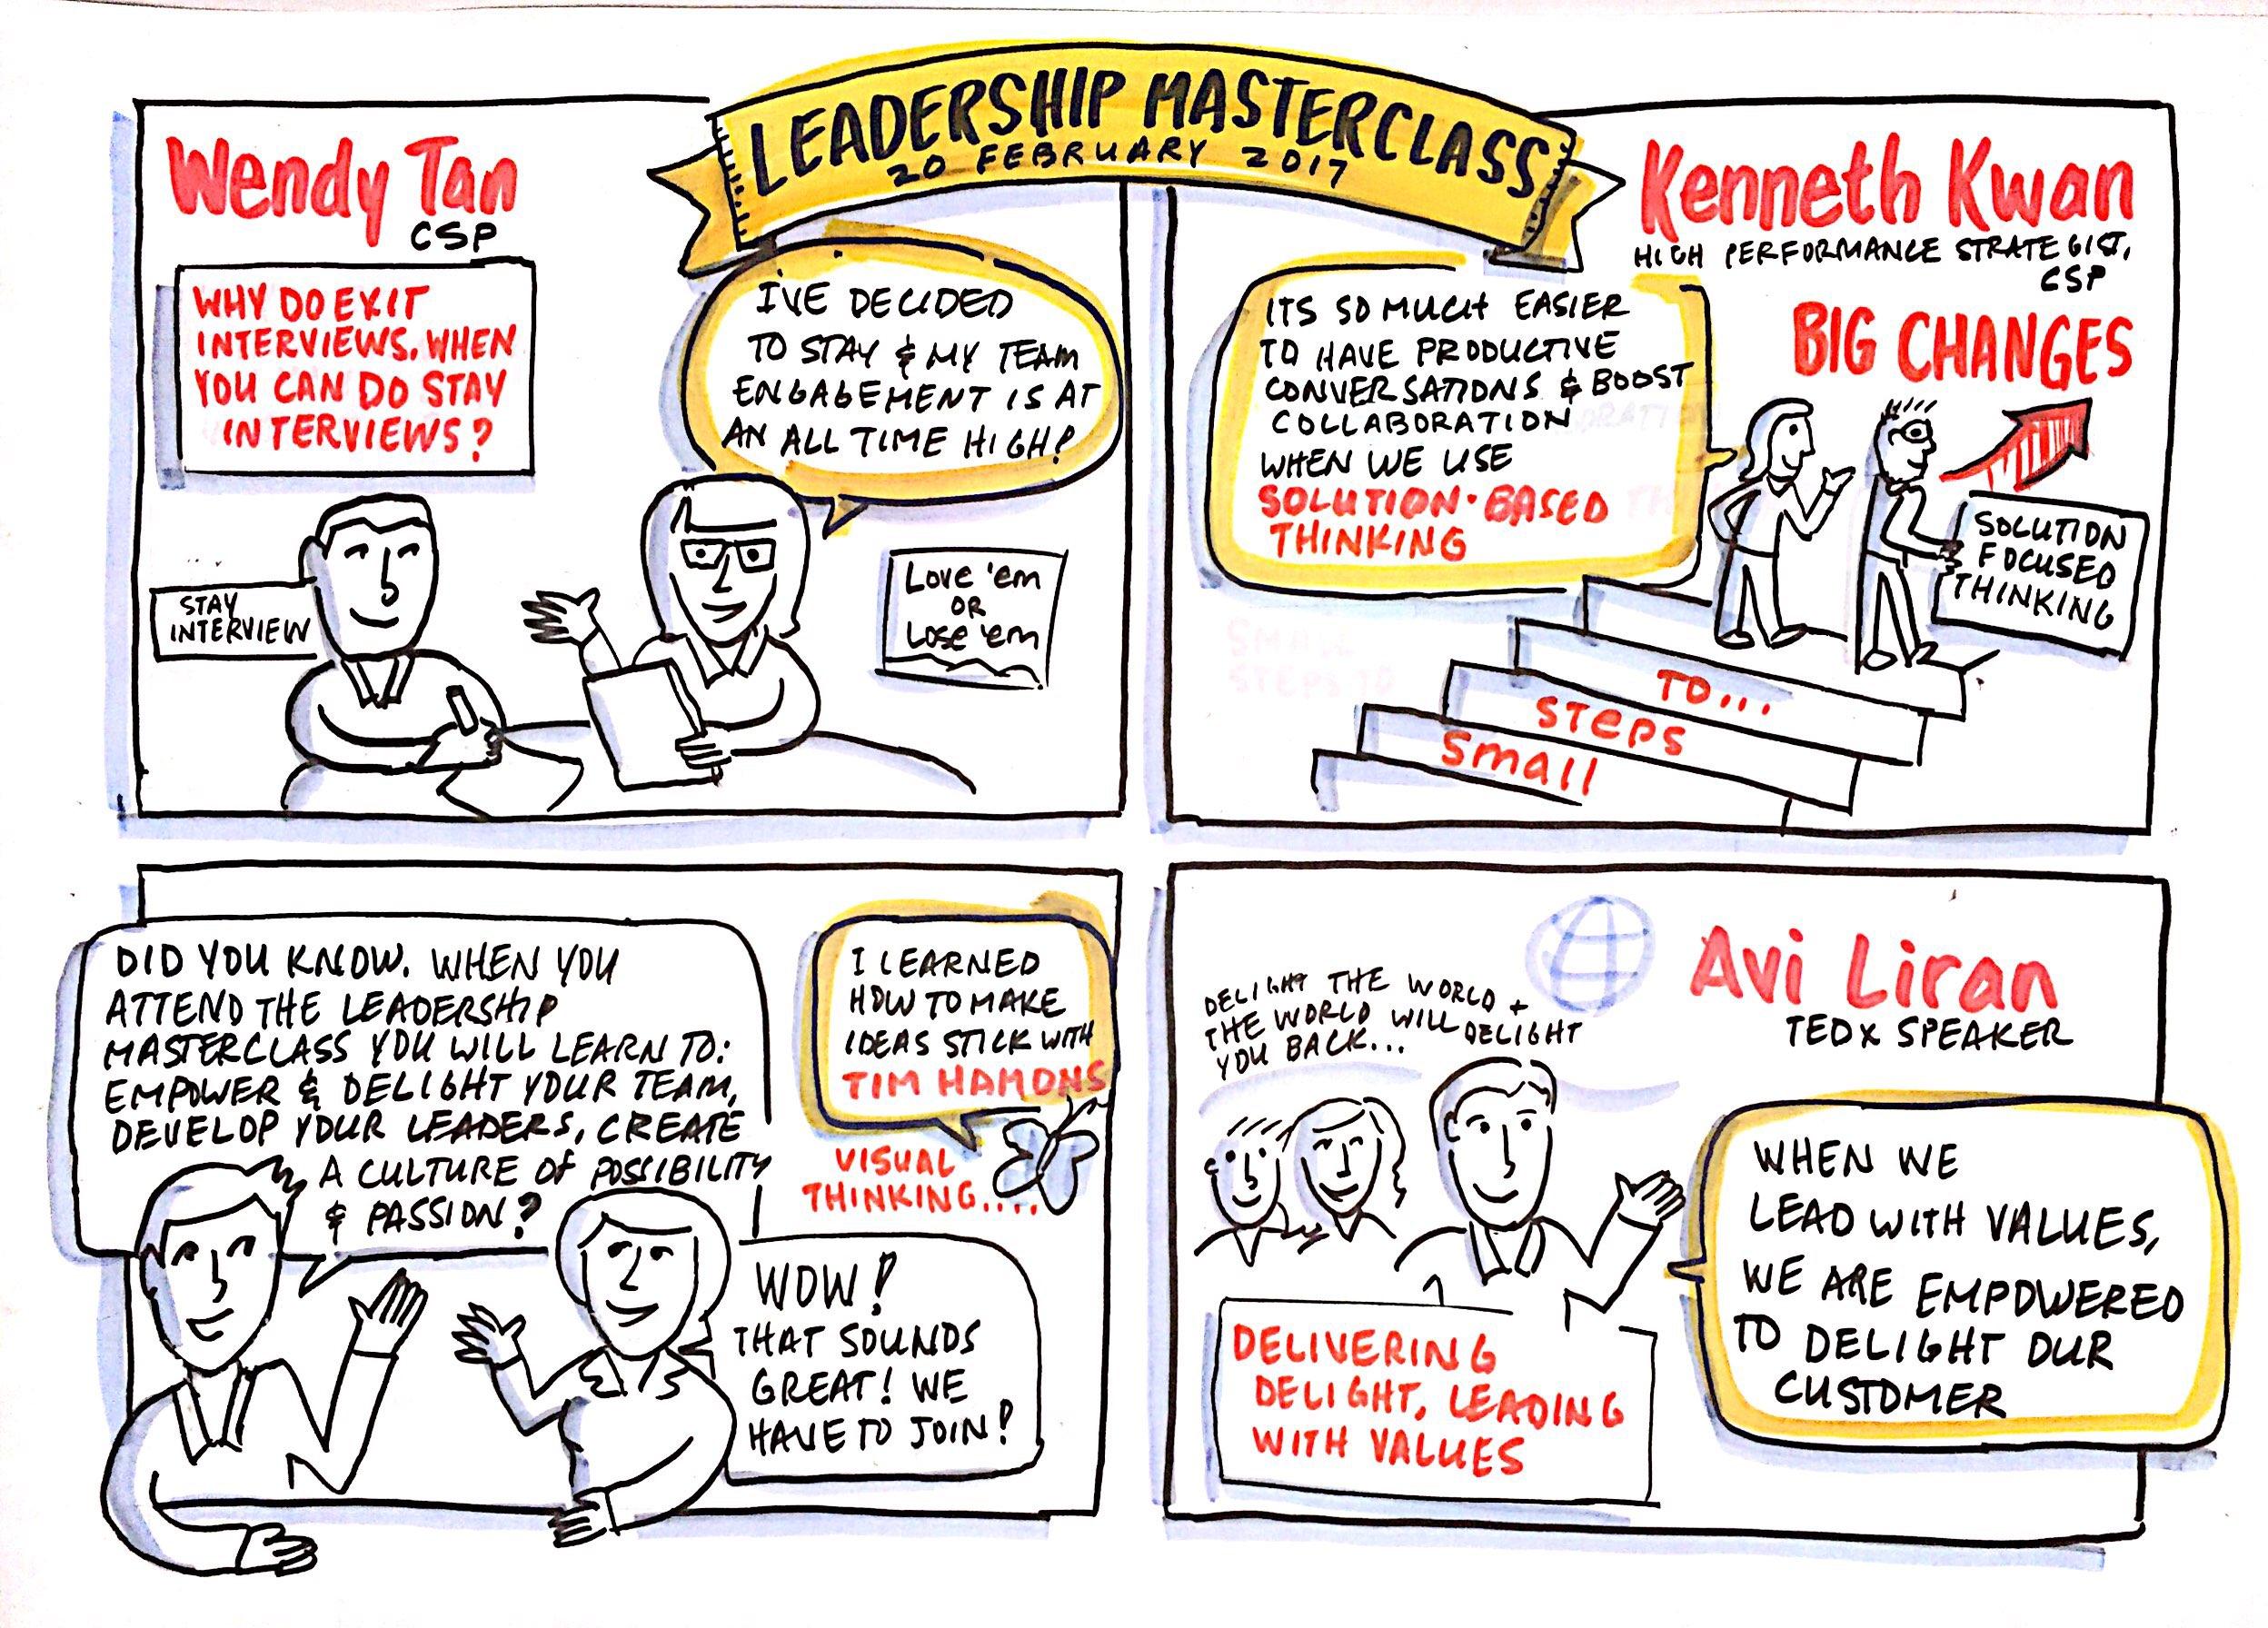 LeadershipMasterclass200117